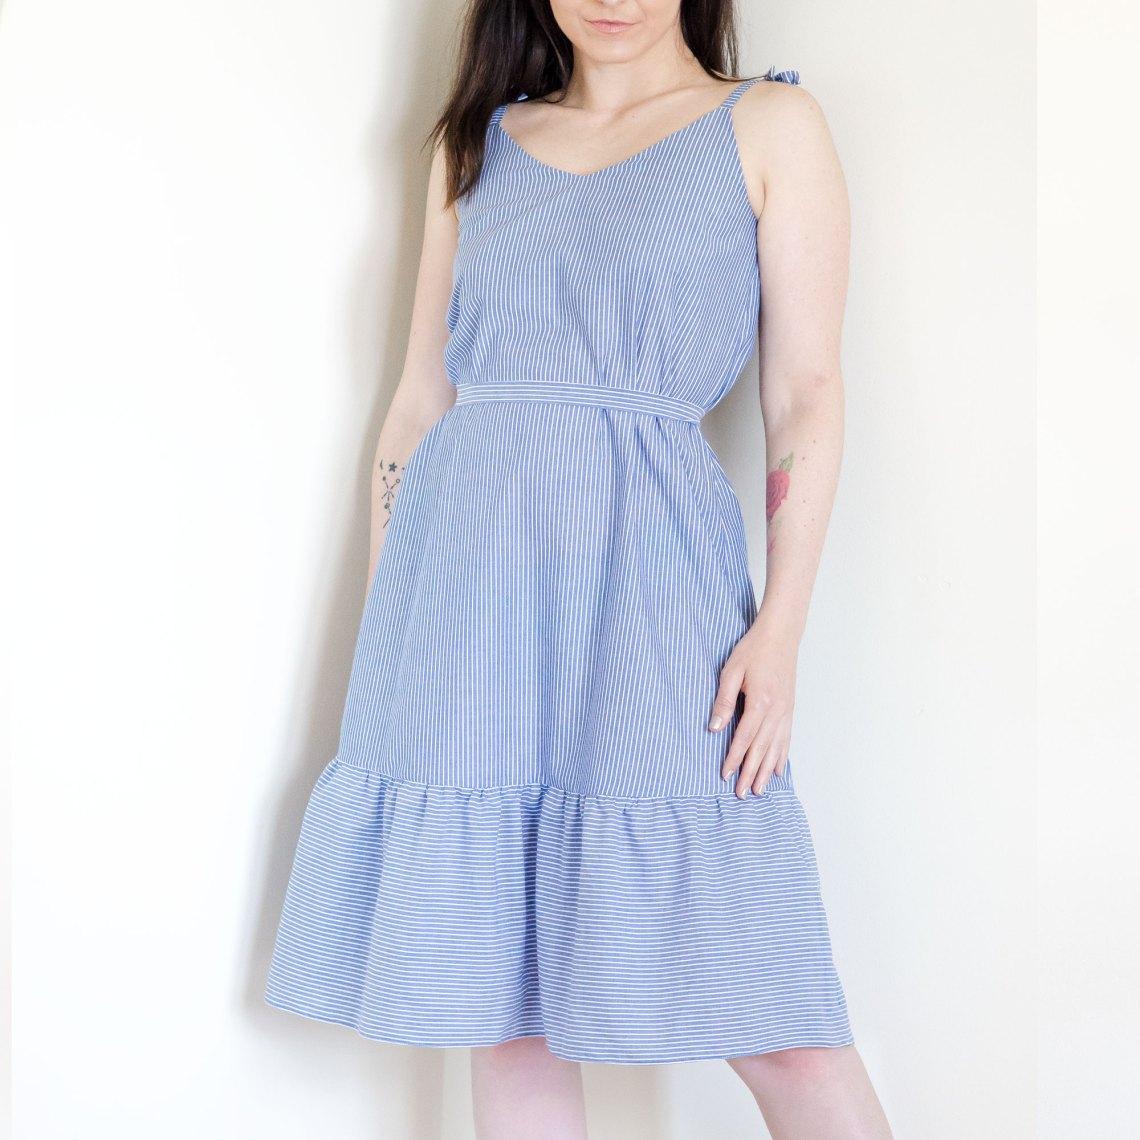 ogden-dress-08